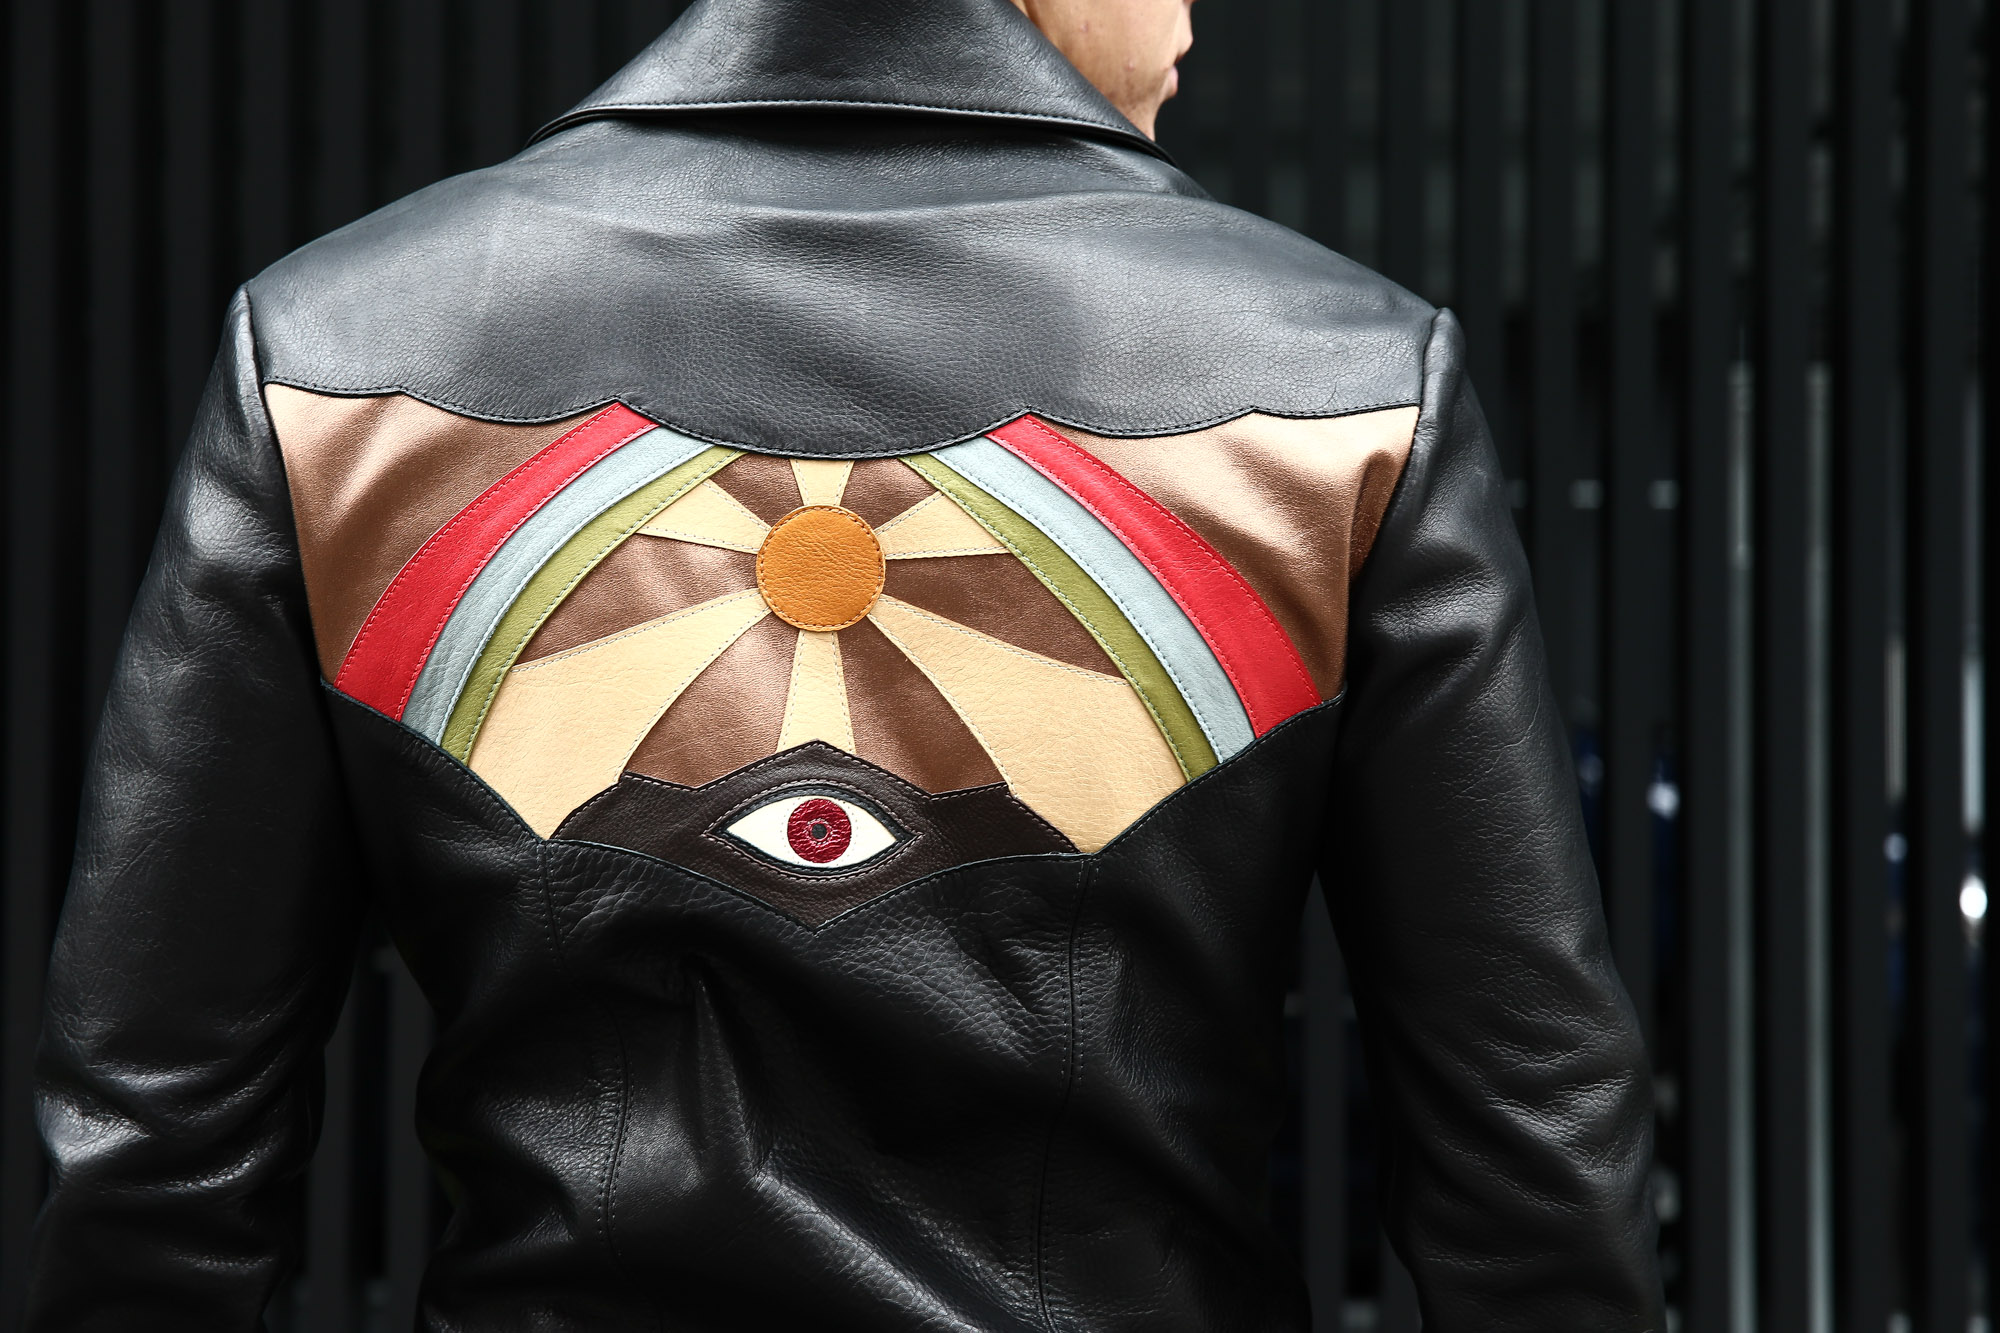 South Paradiso Leather(サウスパラディソレザー) East West イーストウエスト ILLUMINATI RAINBOW SHIRTS イルミナティ レインボーシャツ レザーシャツ BLACK(ブラック) バックスタイル画像。